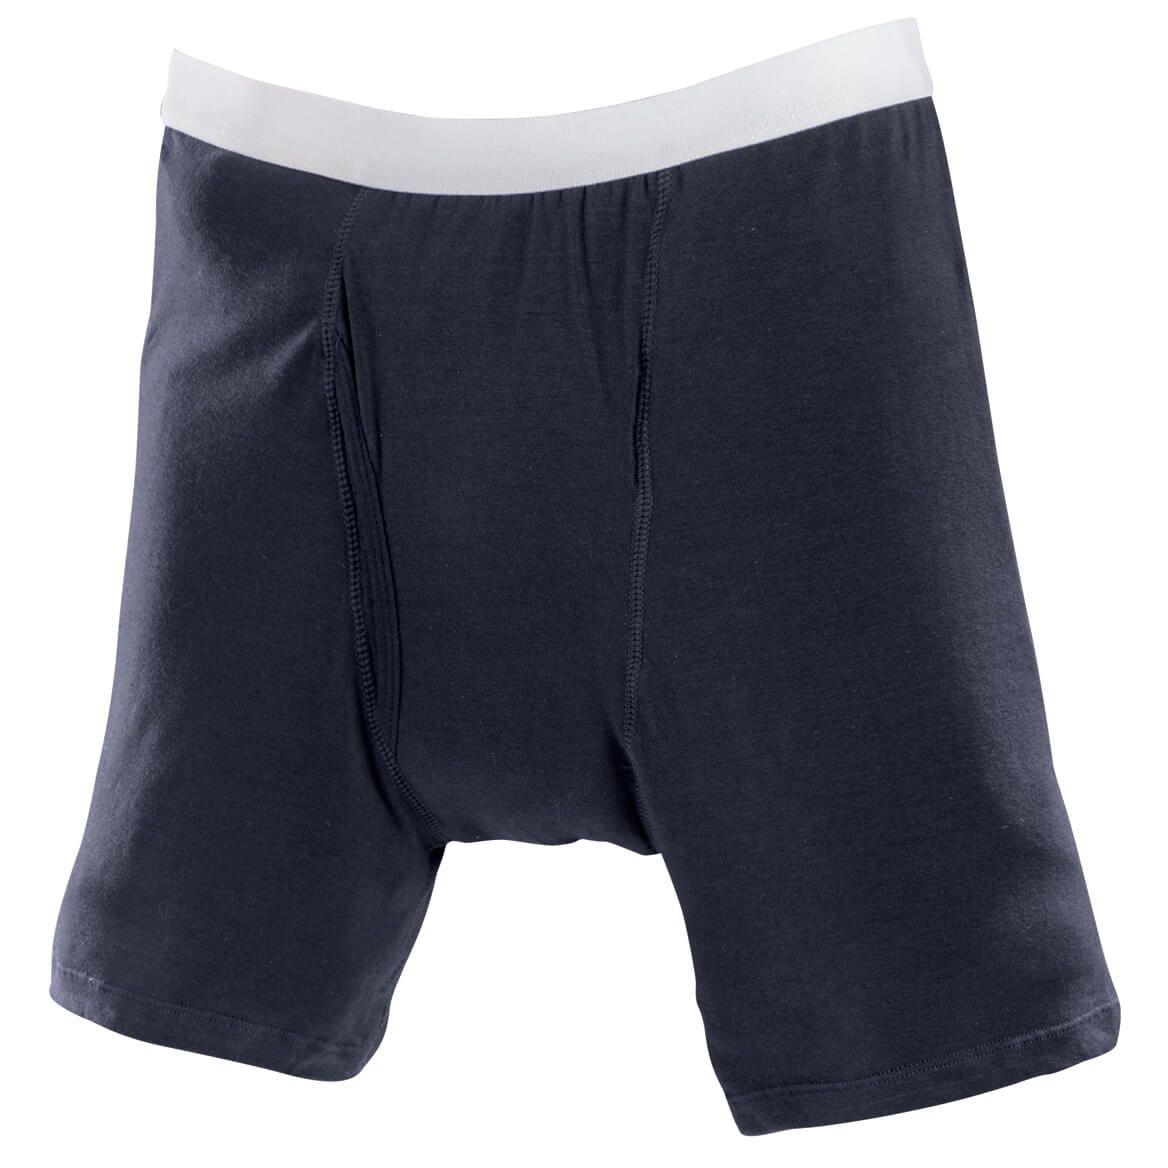 Men's 10 oz. Boxer Briefs, 3-Pack Assorted Colors-365555